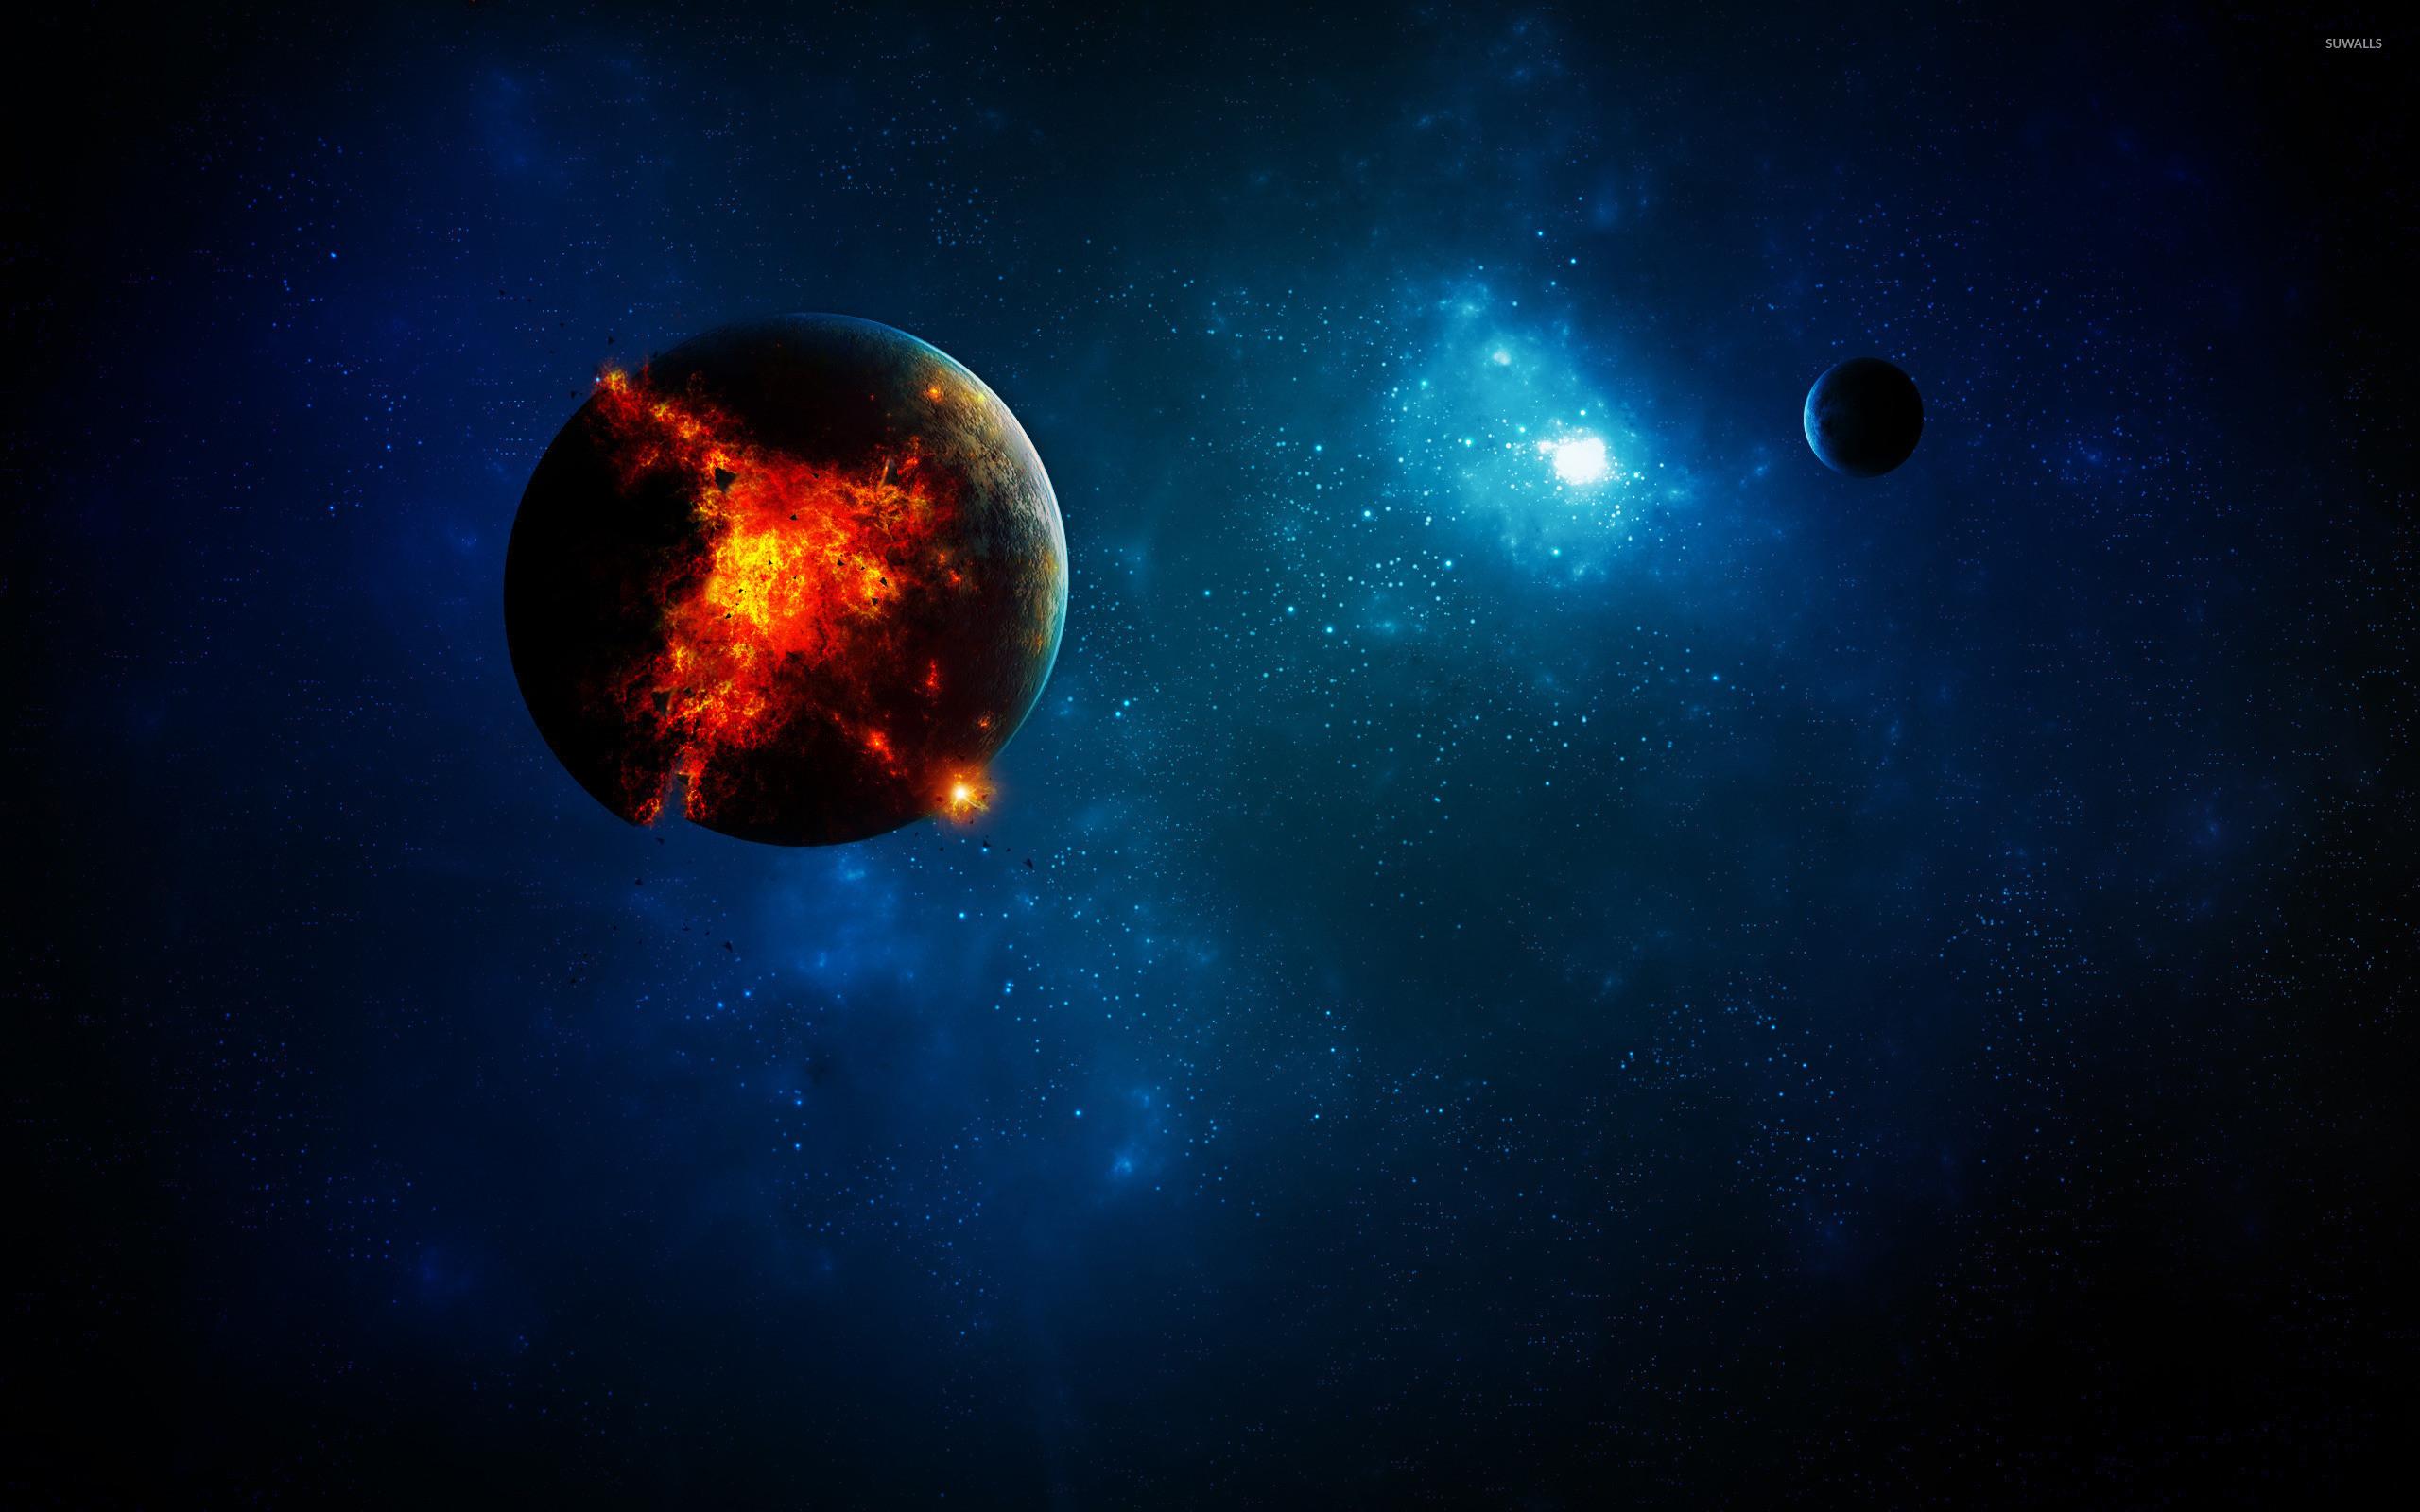 Exploding planet [9] wallpaper